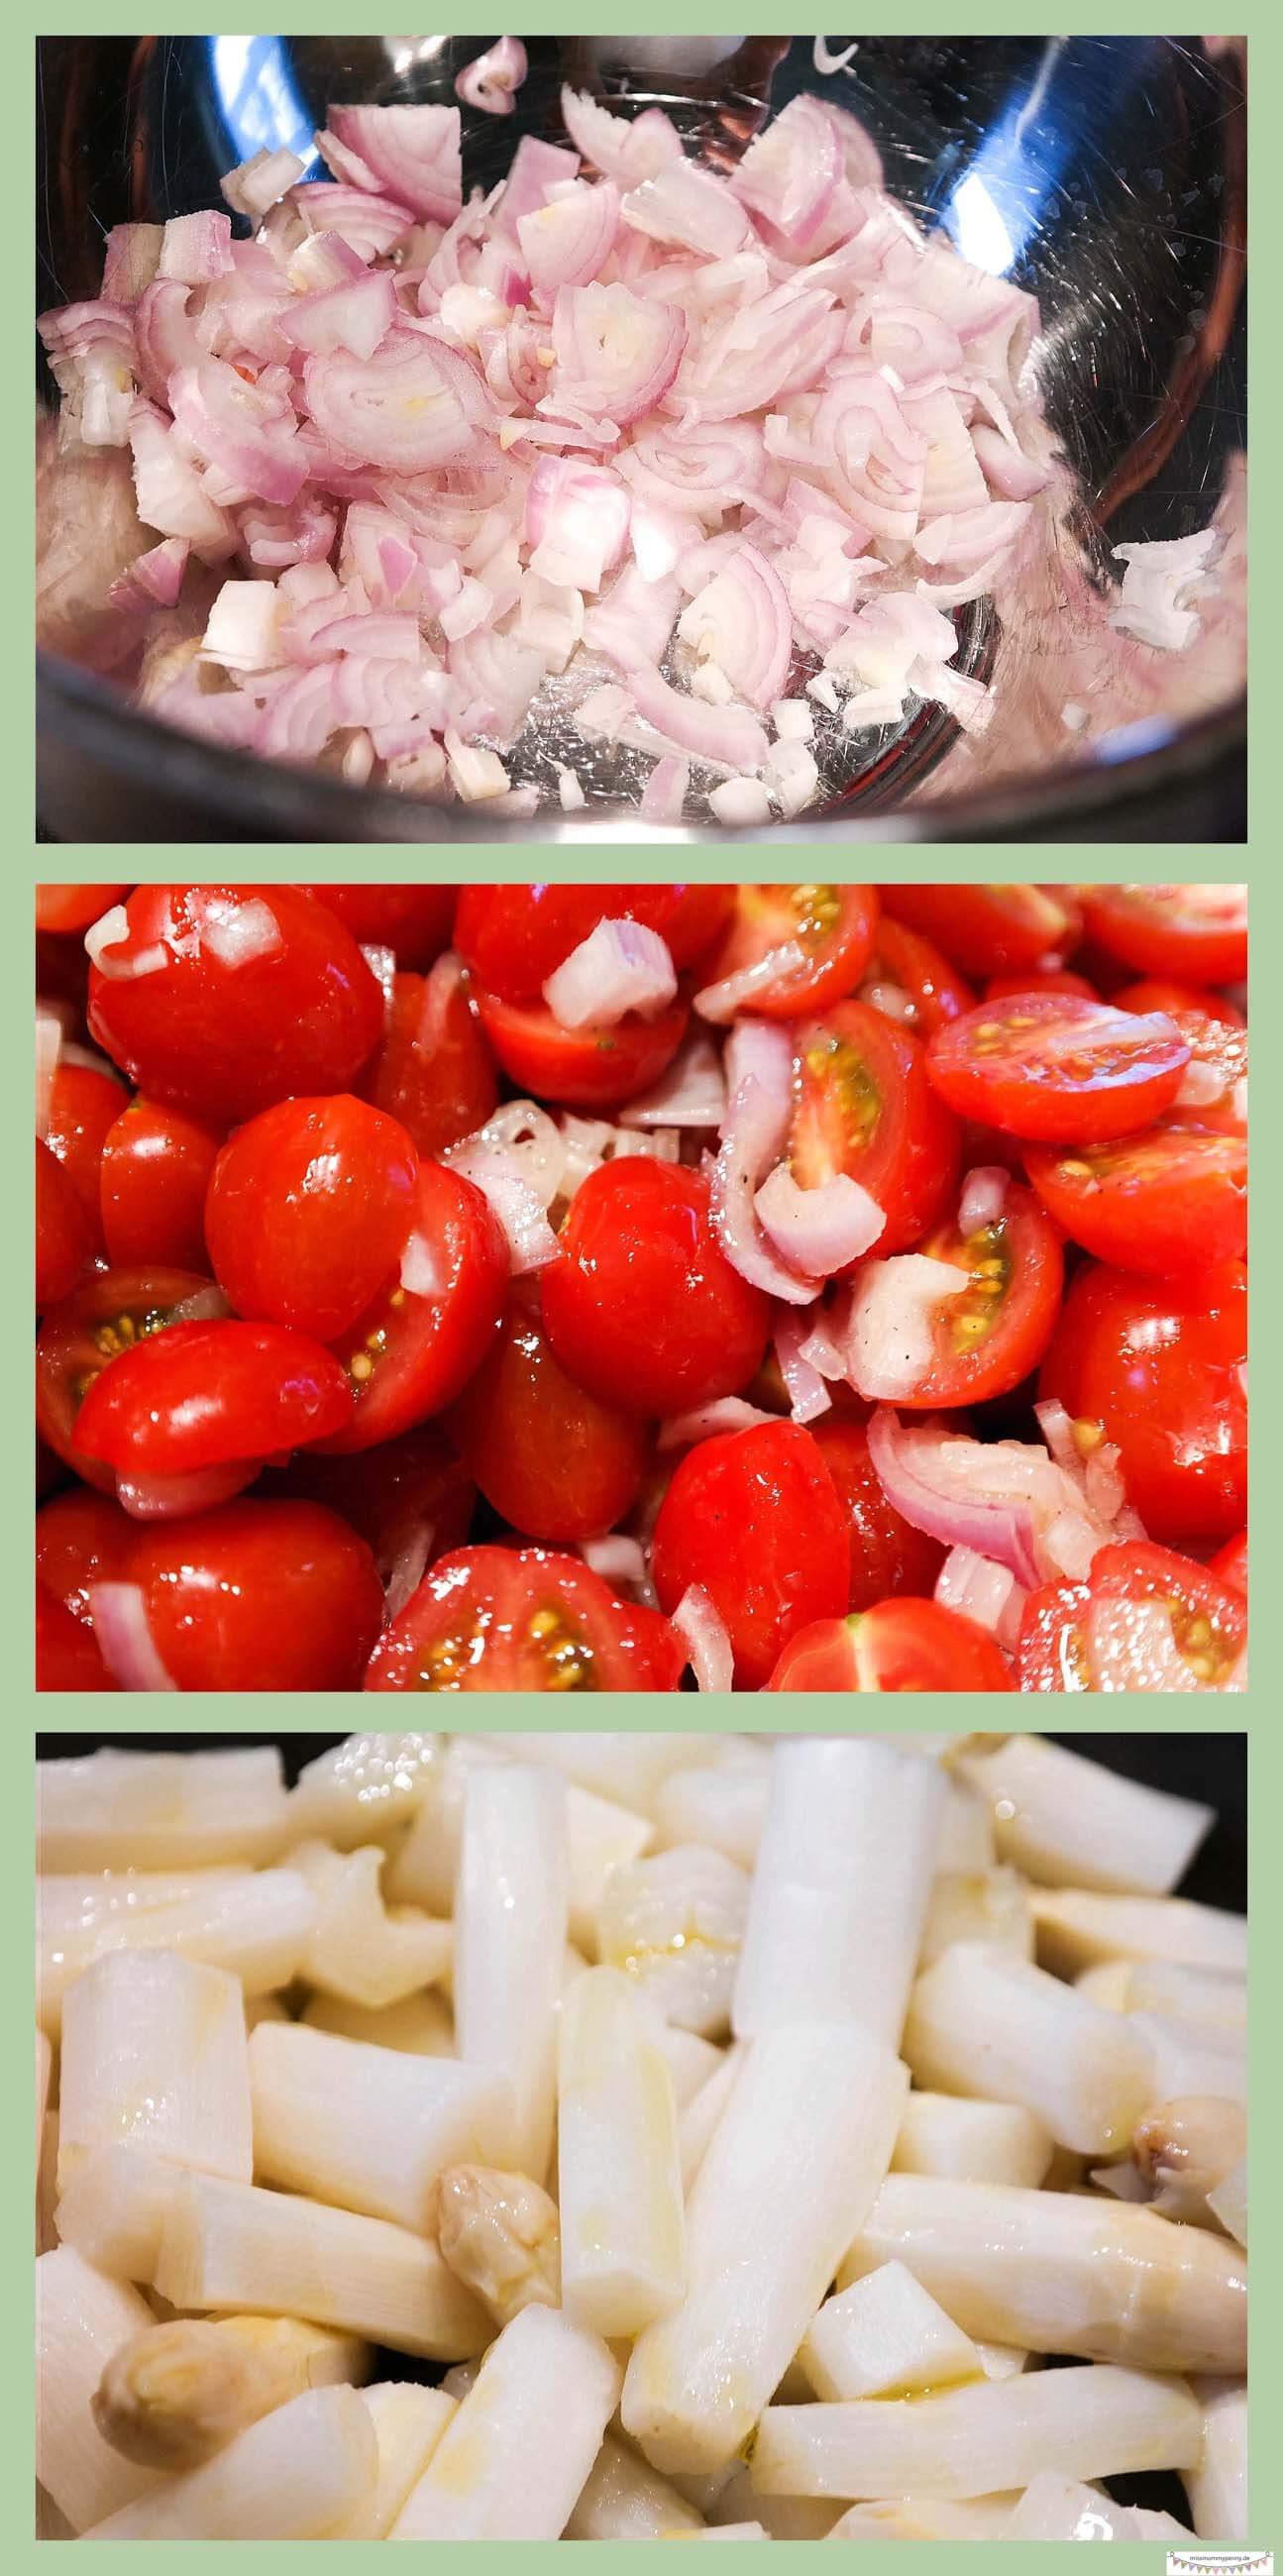 Leichter Spargelsalat mit Tomaten